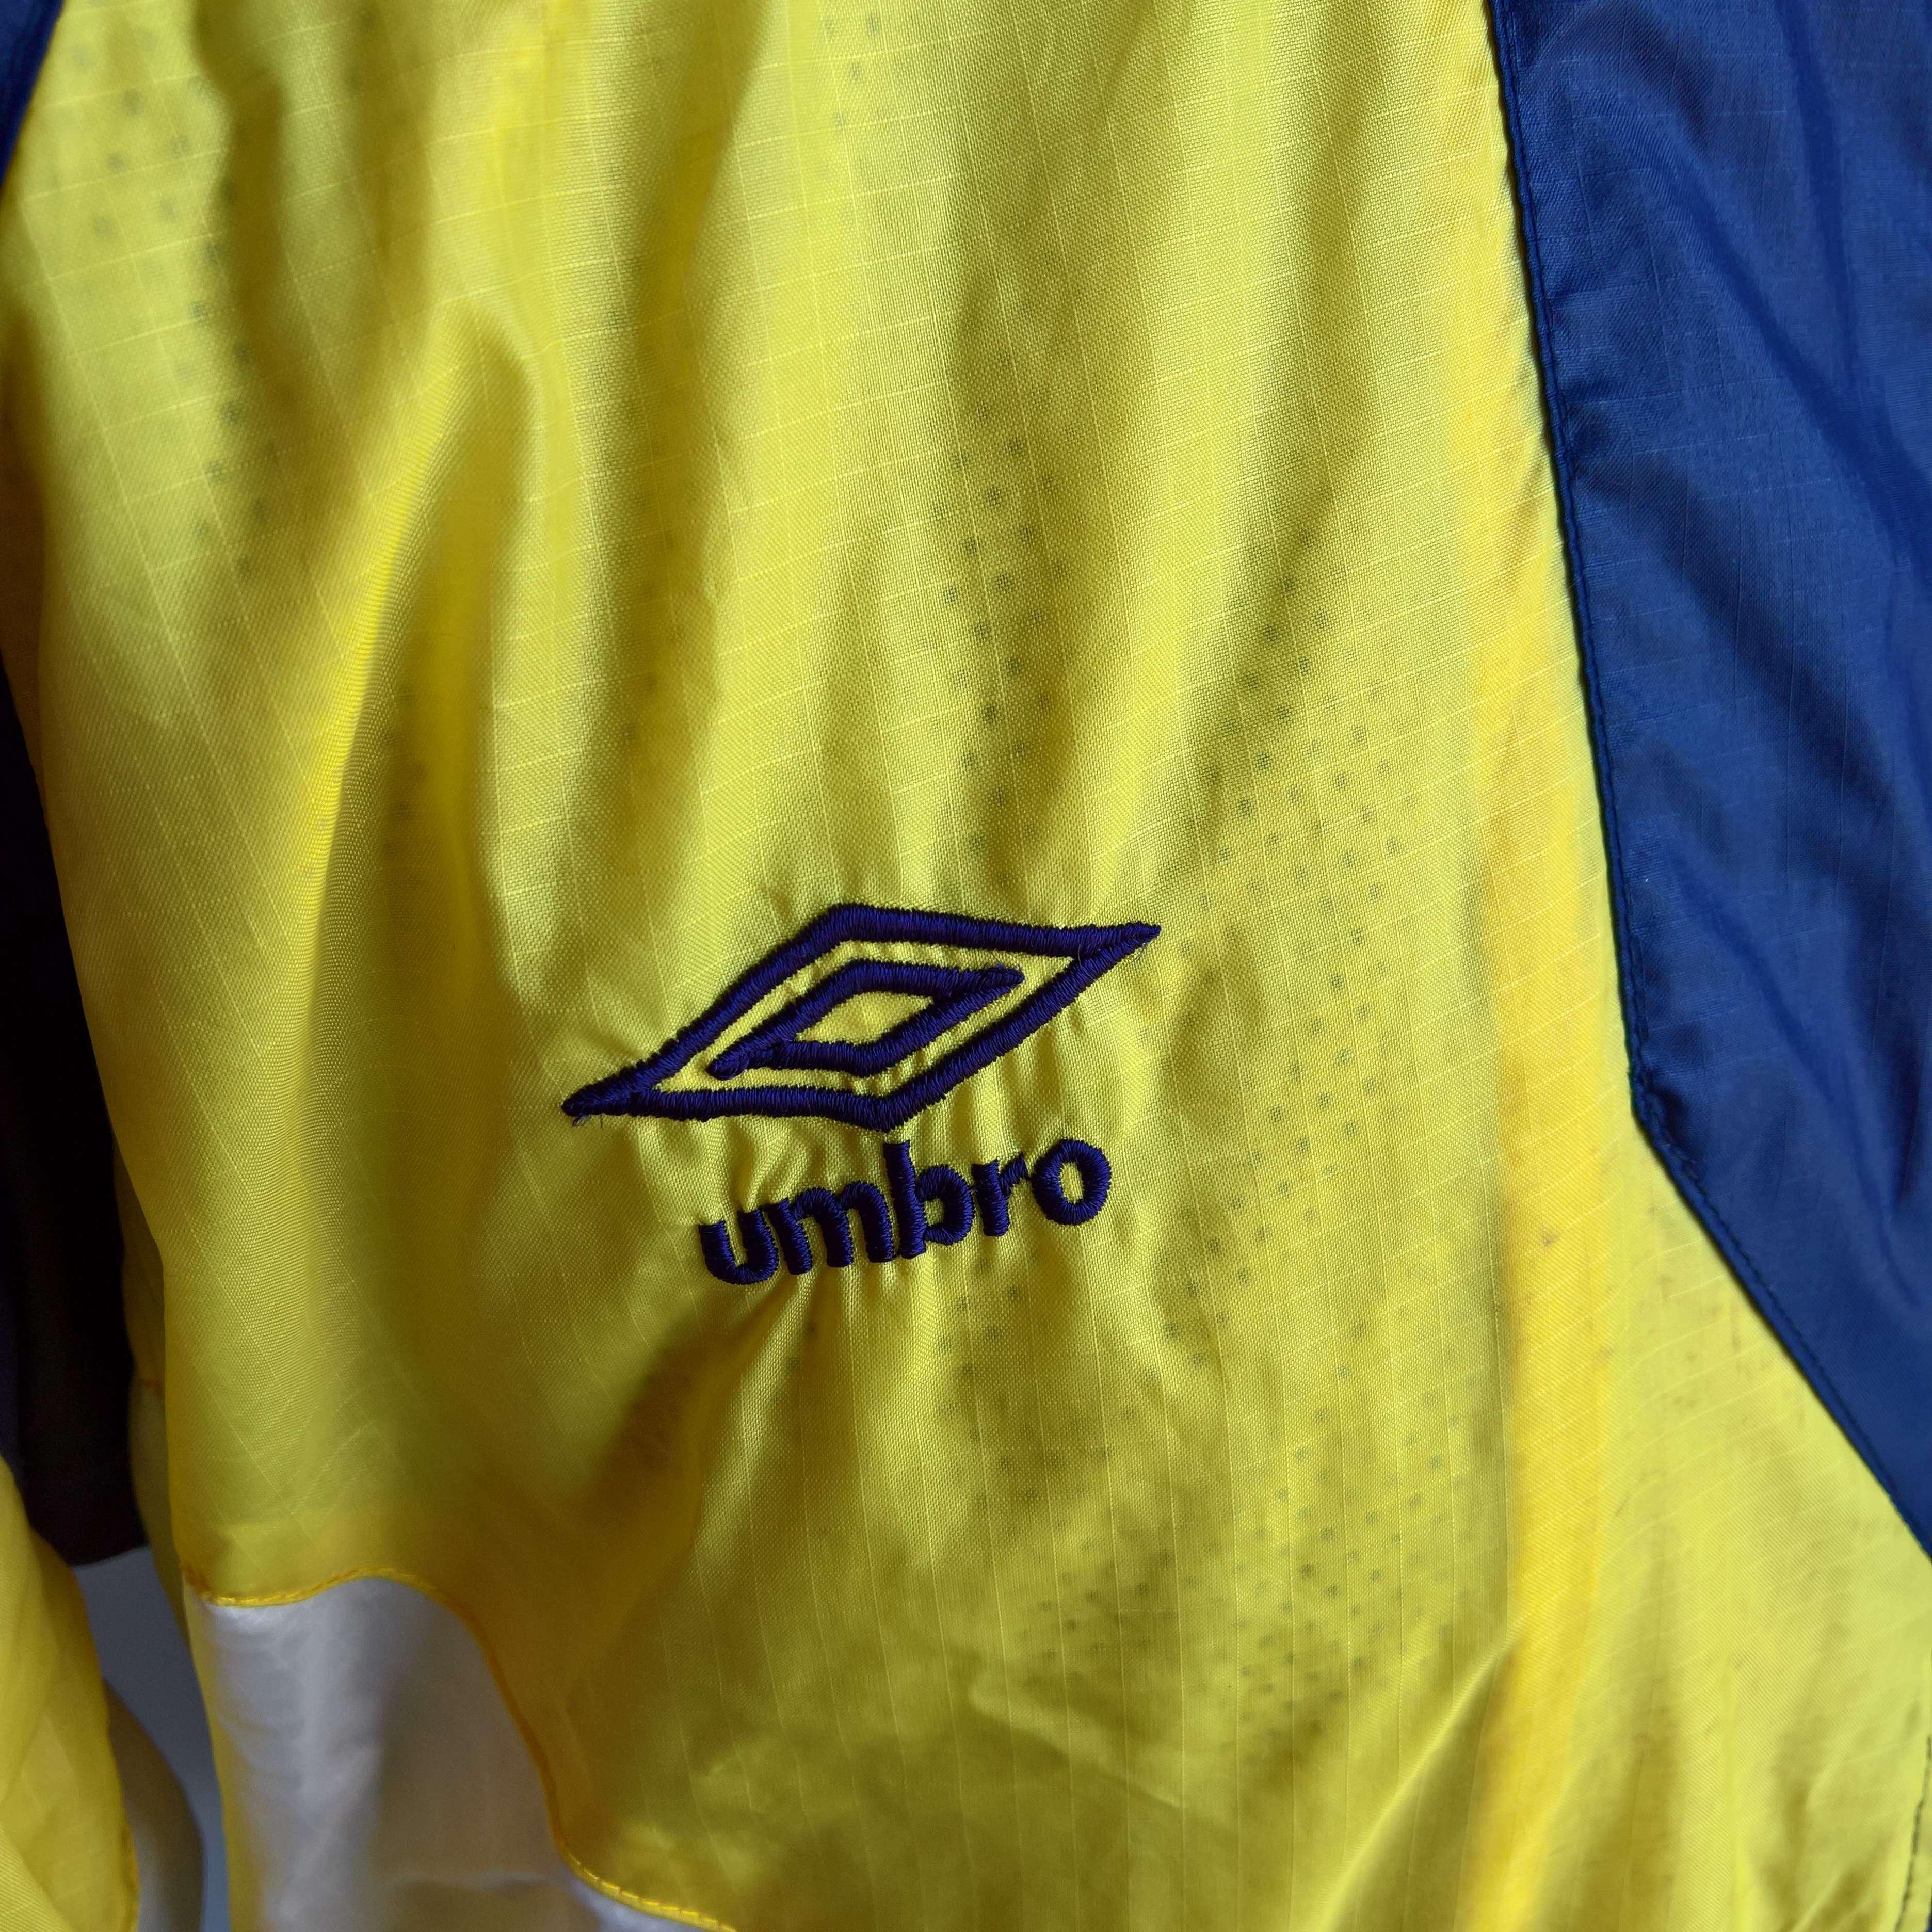 Scotland-1990-Chaqueta-CAMISETA-DE-FUTBOL-ENTRENAMIENTO-CONCHA-Umbro-Jersey